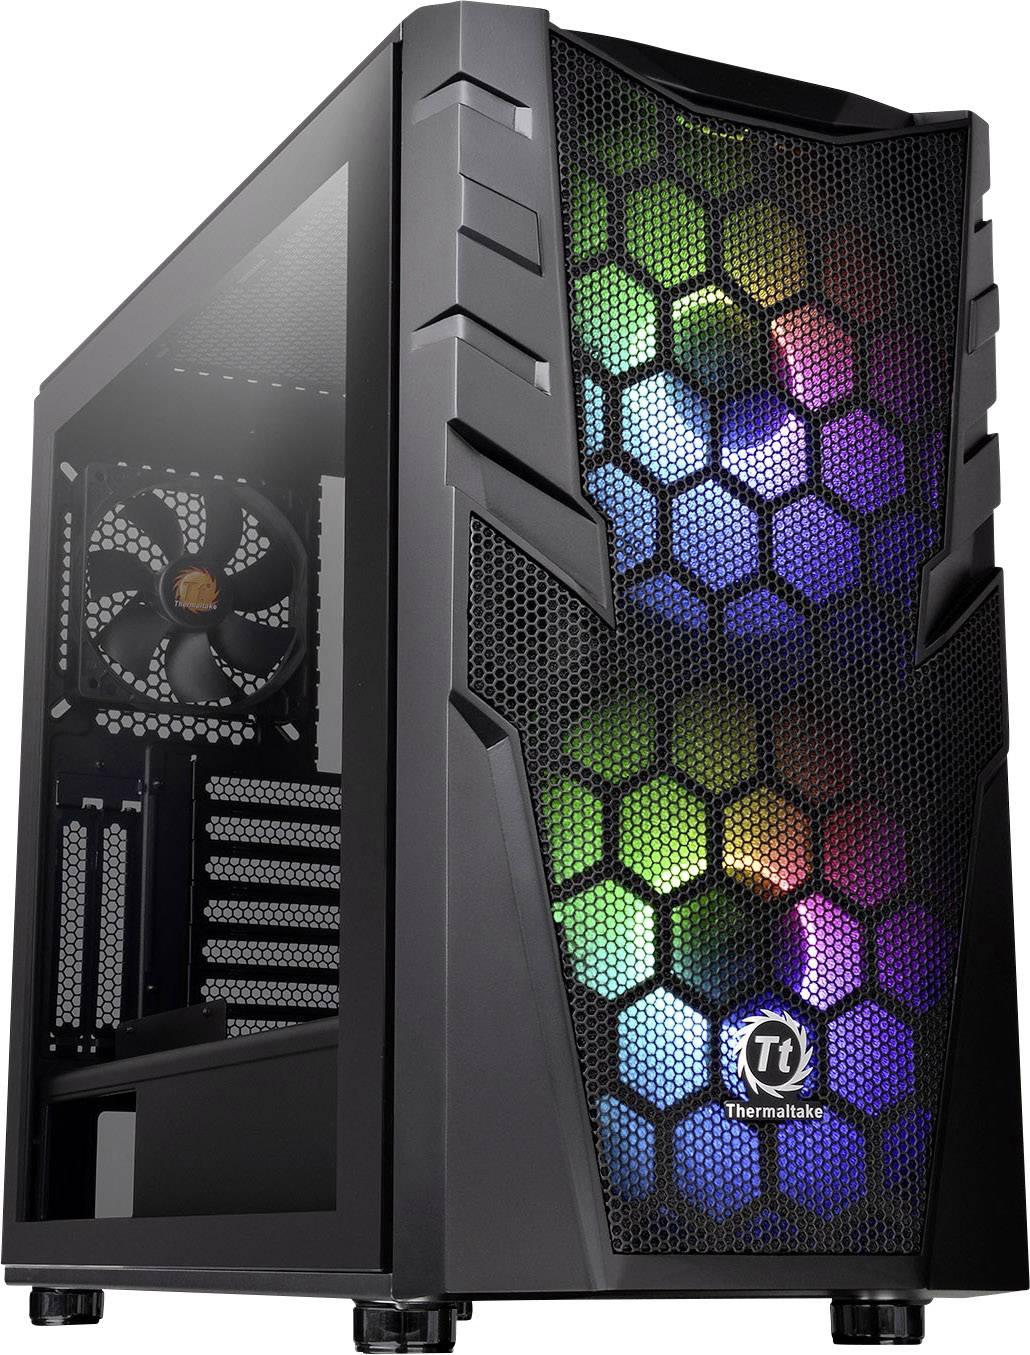 Midi-Tower PC Case, PC Case da gioco Thermaltake Commander C32 TG Nero 2 ventole LED pre-montate, 1 ventola pre-montata,